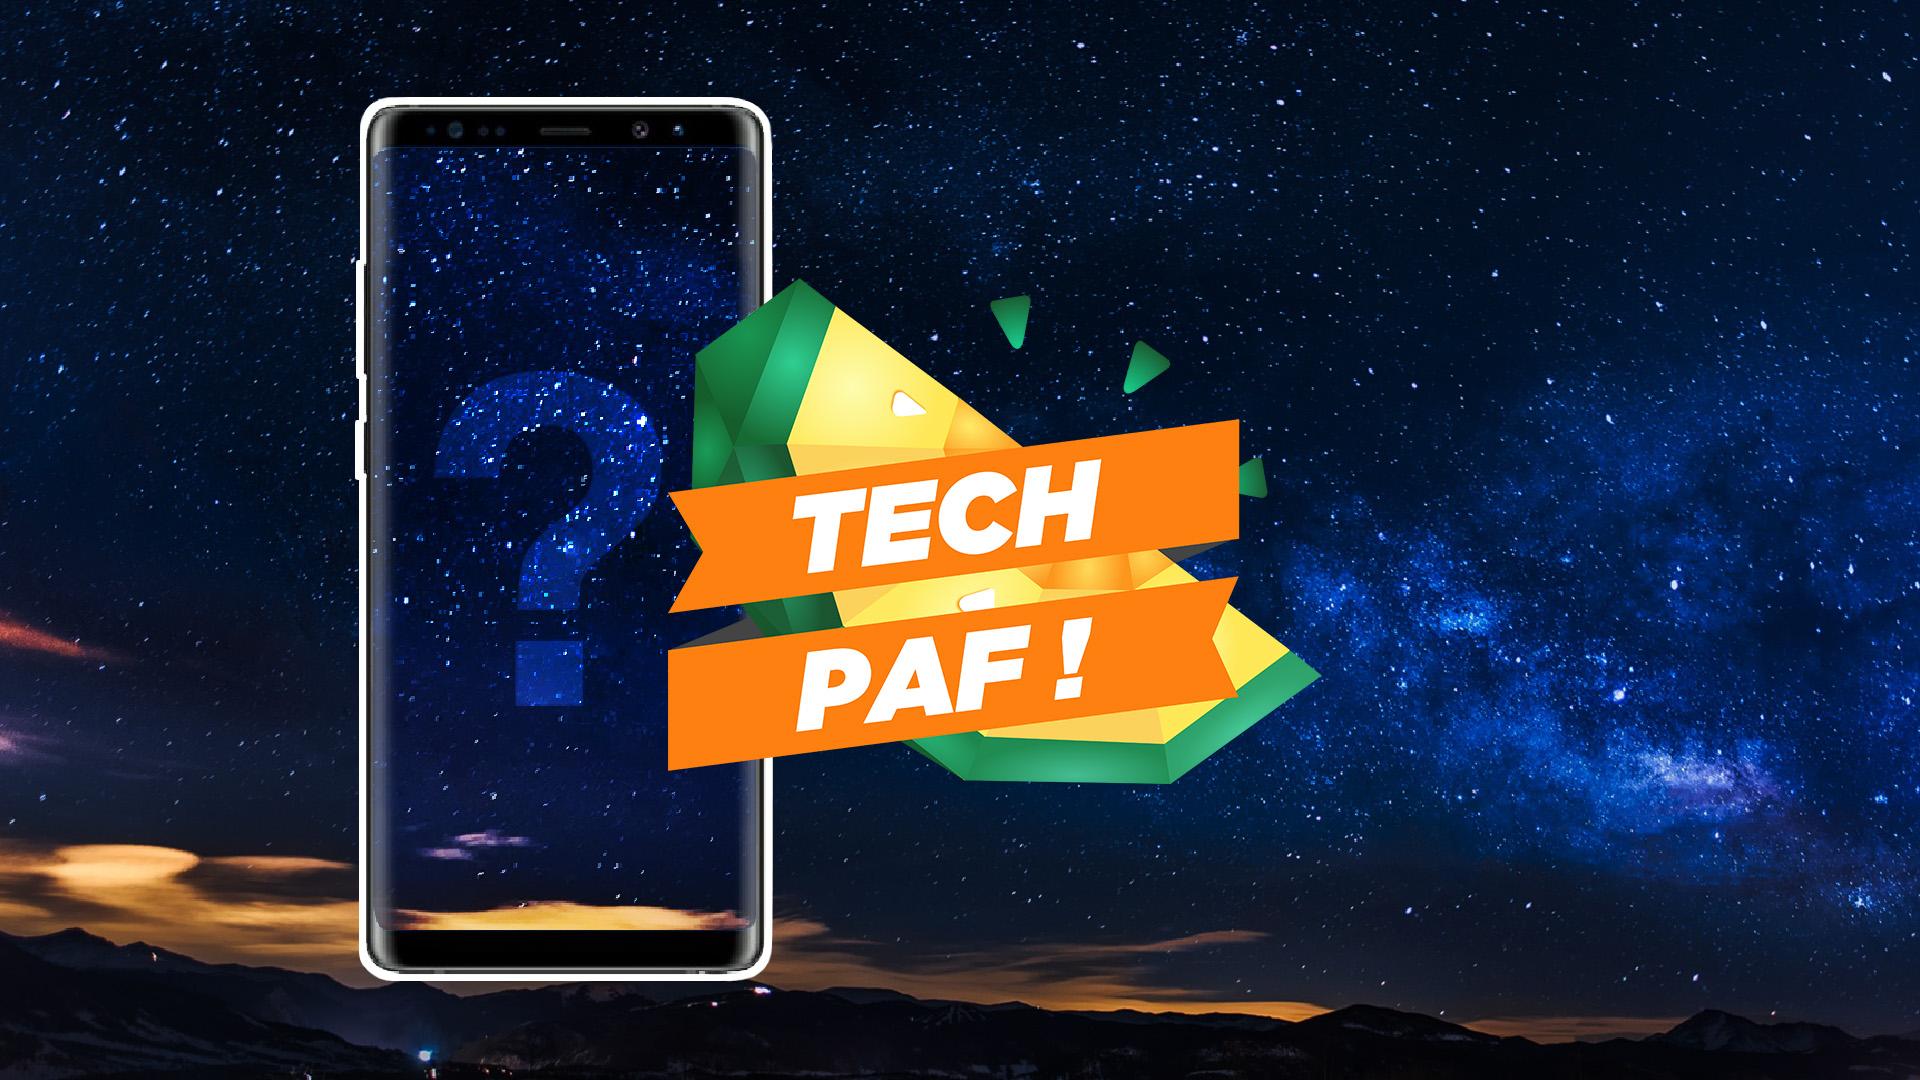 Suivez en vidéo l'annonce du Samsung Galaxy Note 8 avec nous dès 16h30 – Tech'PAF